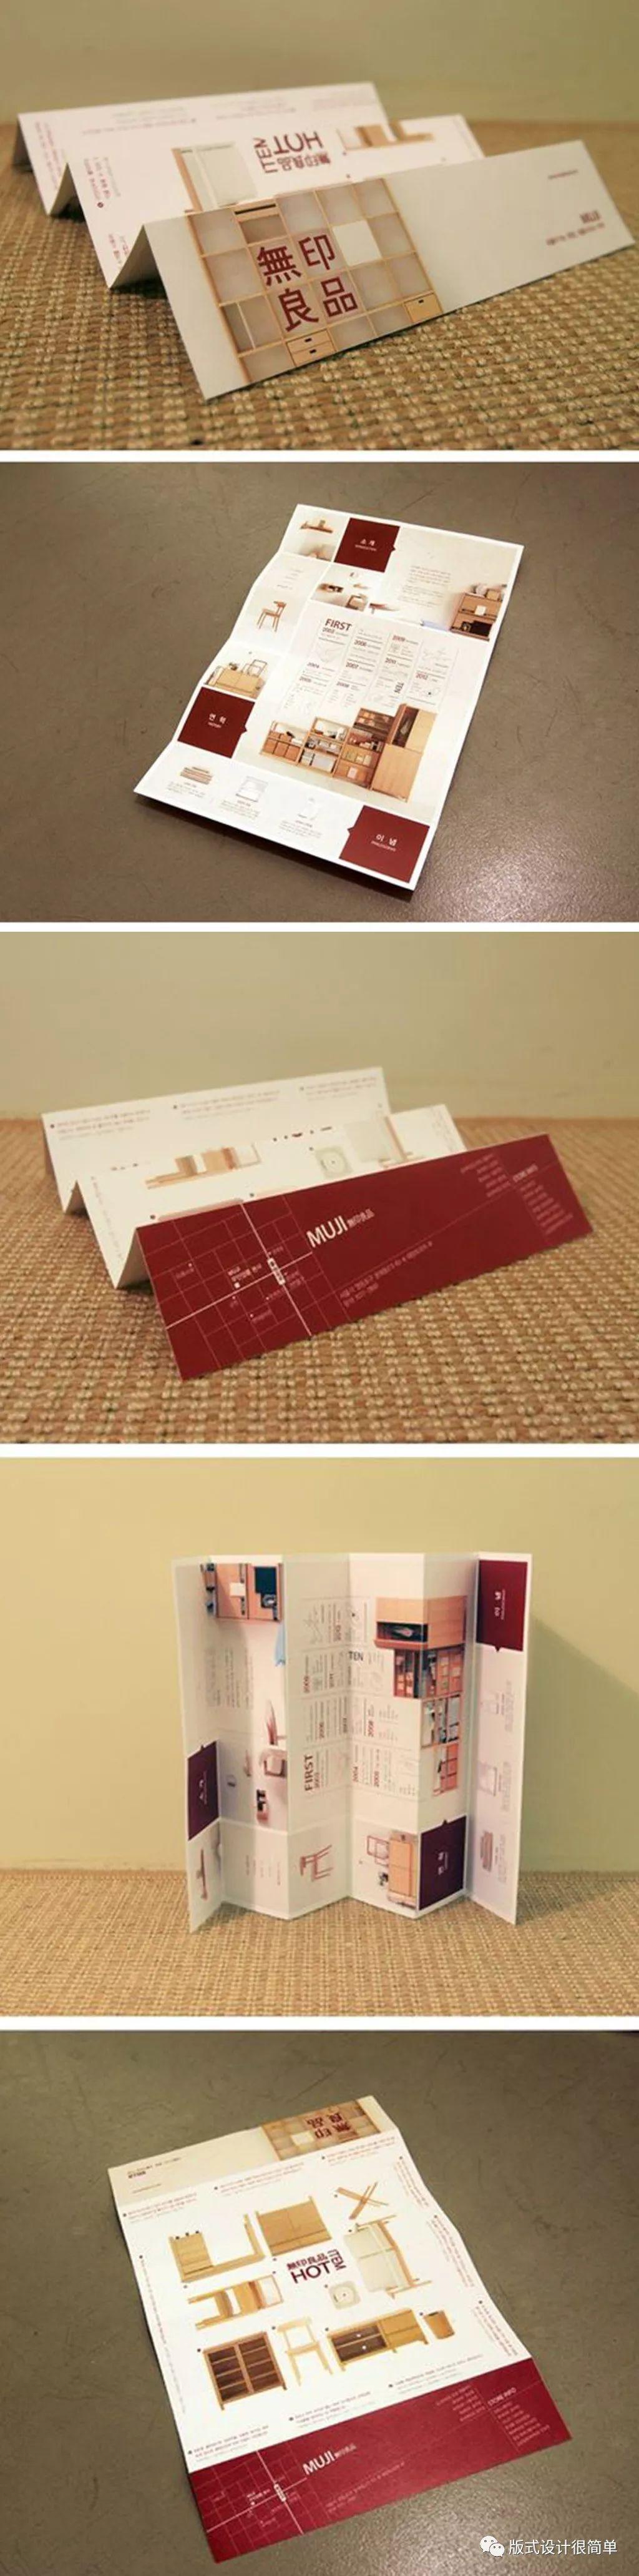 讲究连贯性的折页设计_www.shejidaren.com